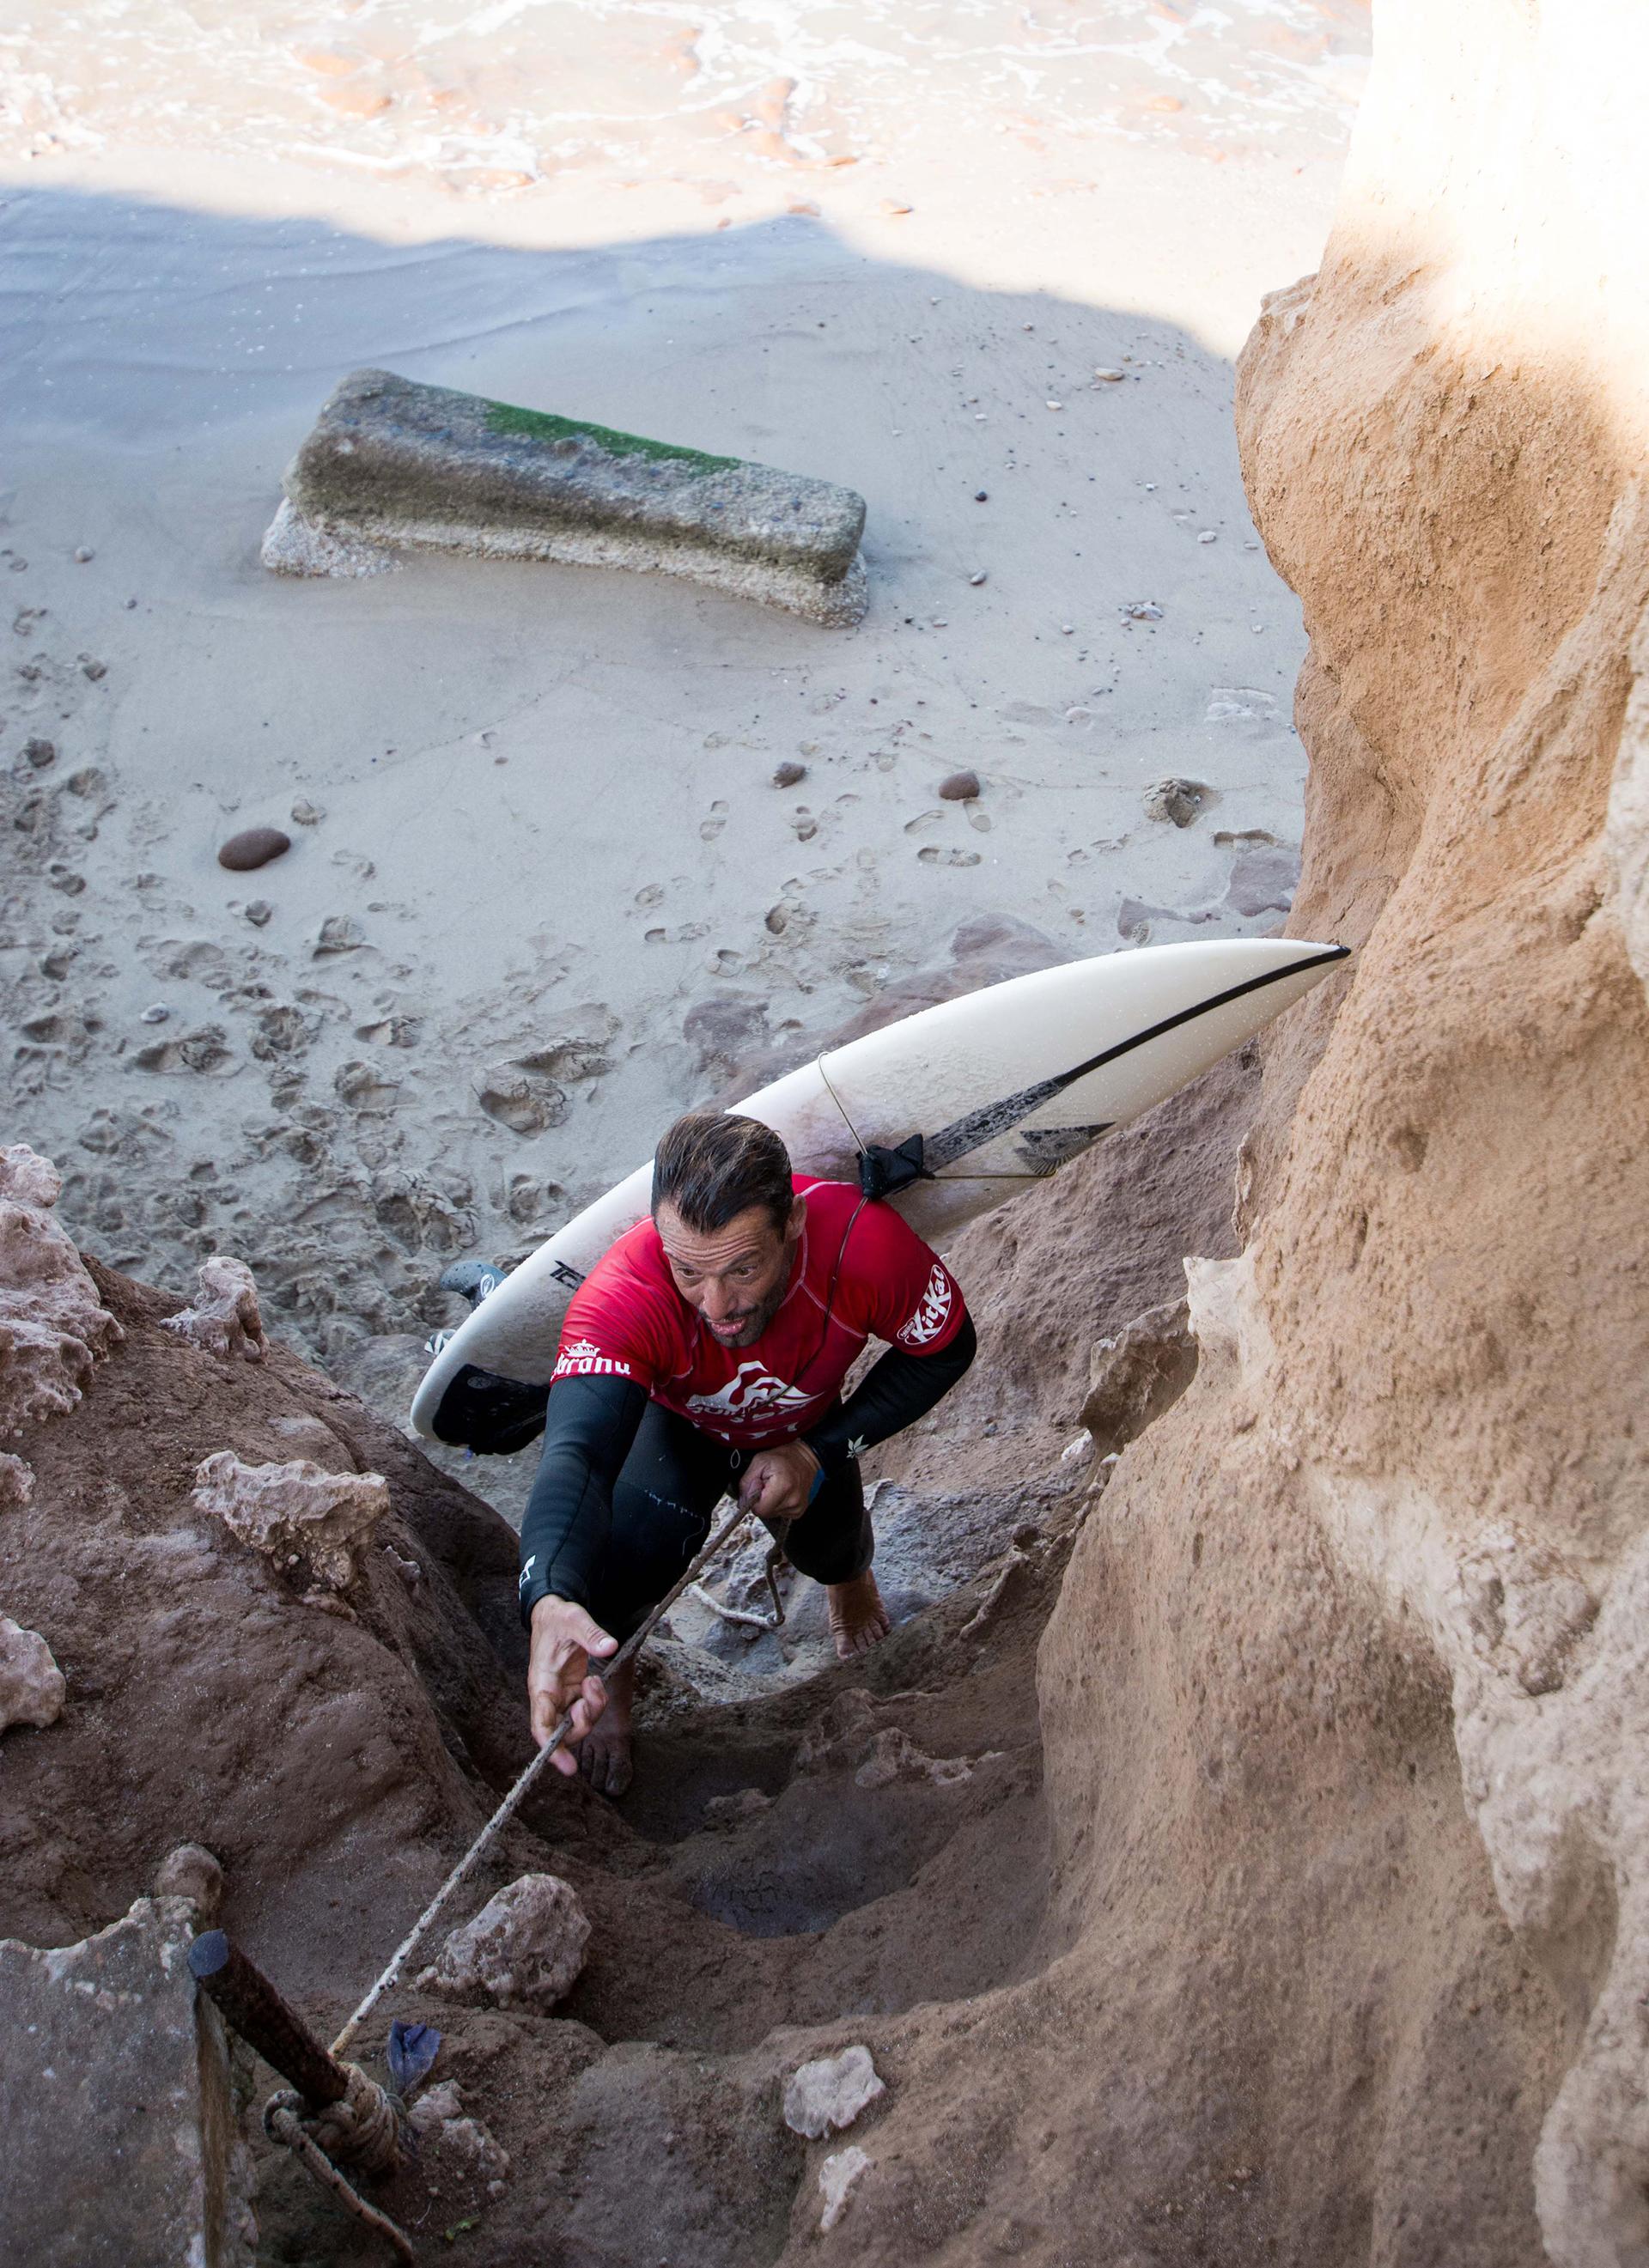 Vértigo en primera persona, la odisea que tenían que pasar los surfistas para llegar al mar